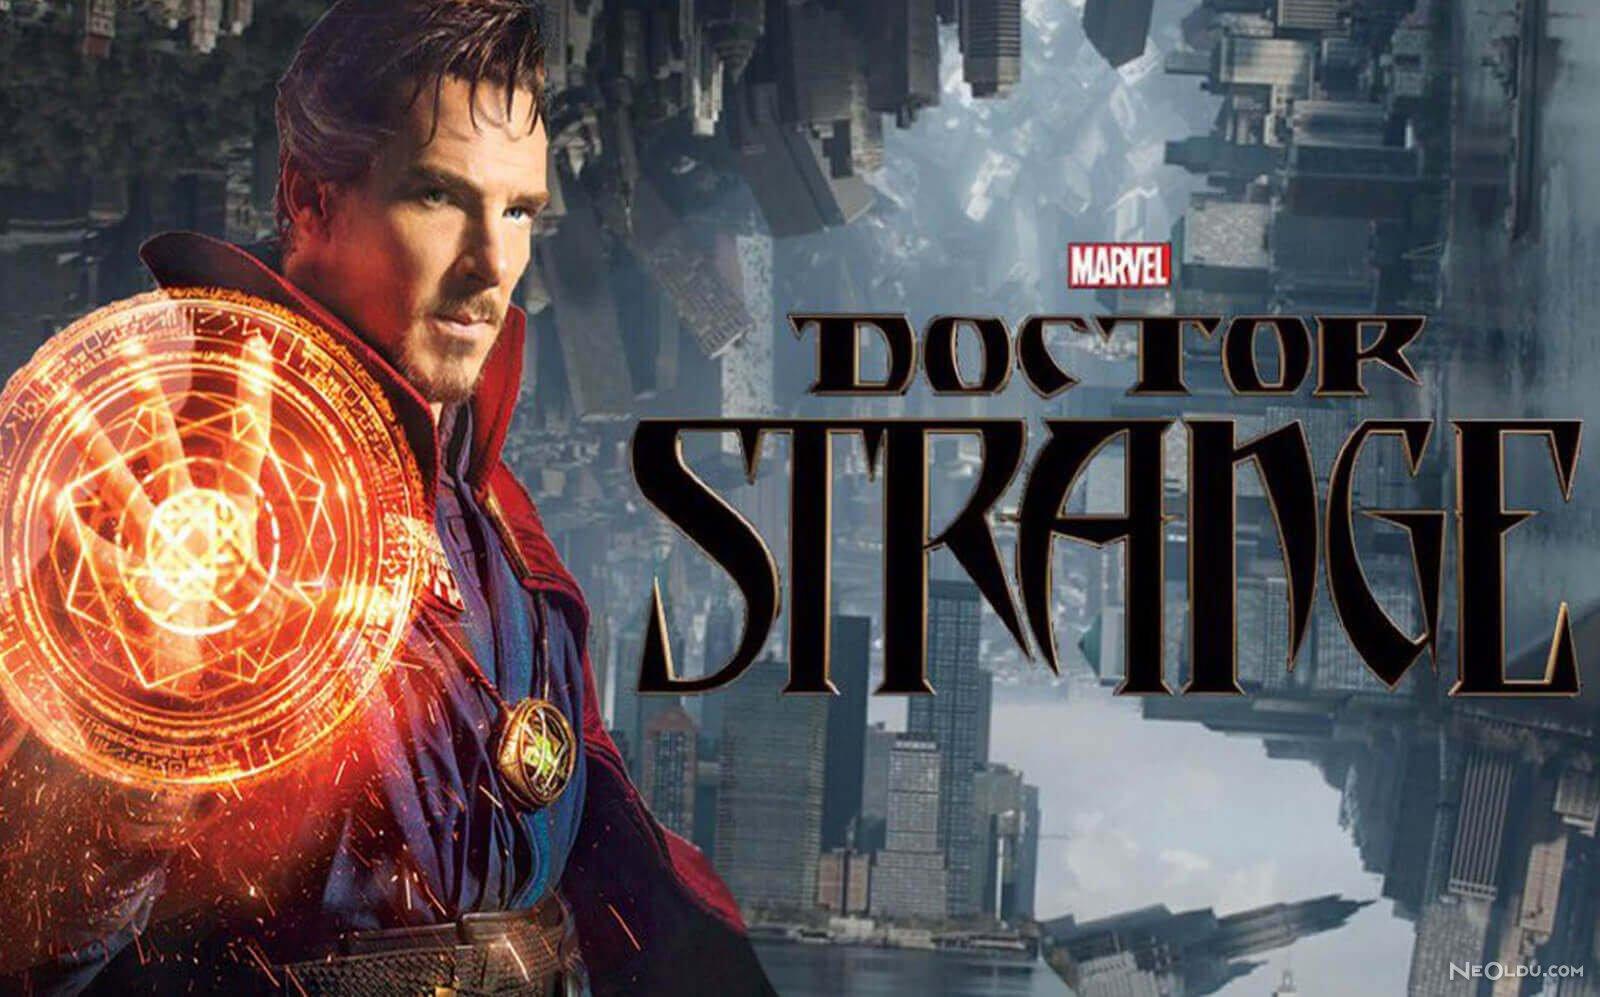 marvel filmleri izleme listesi doktor strange